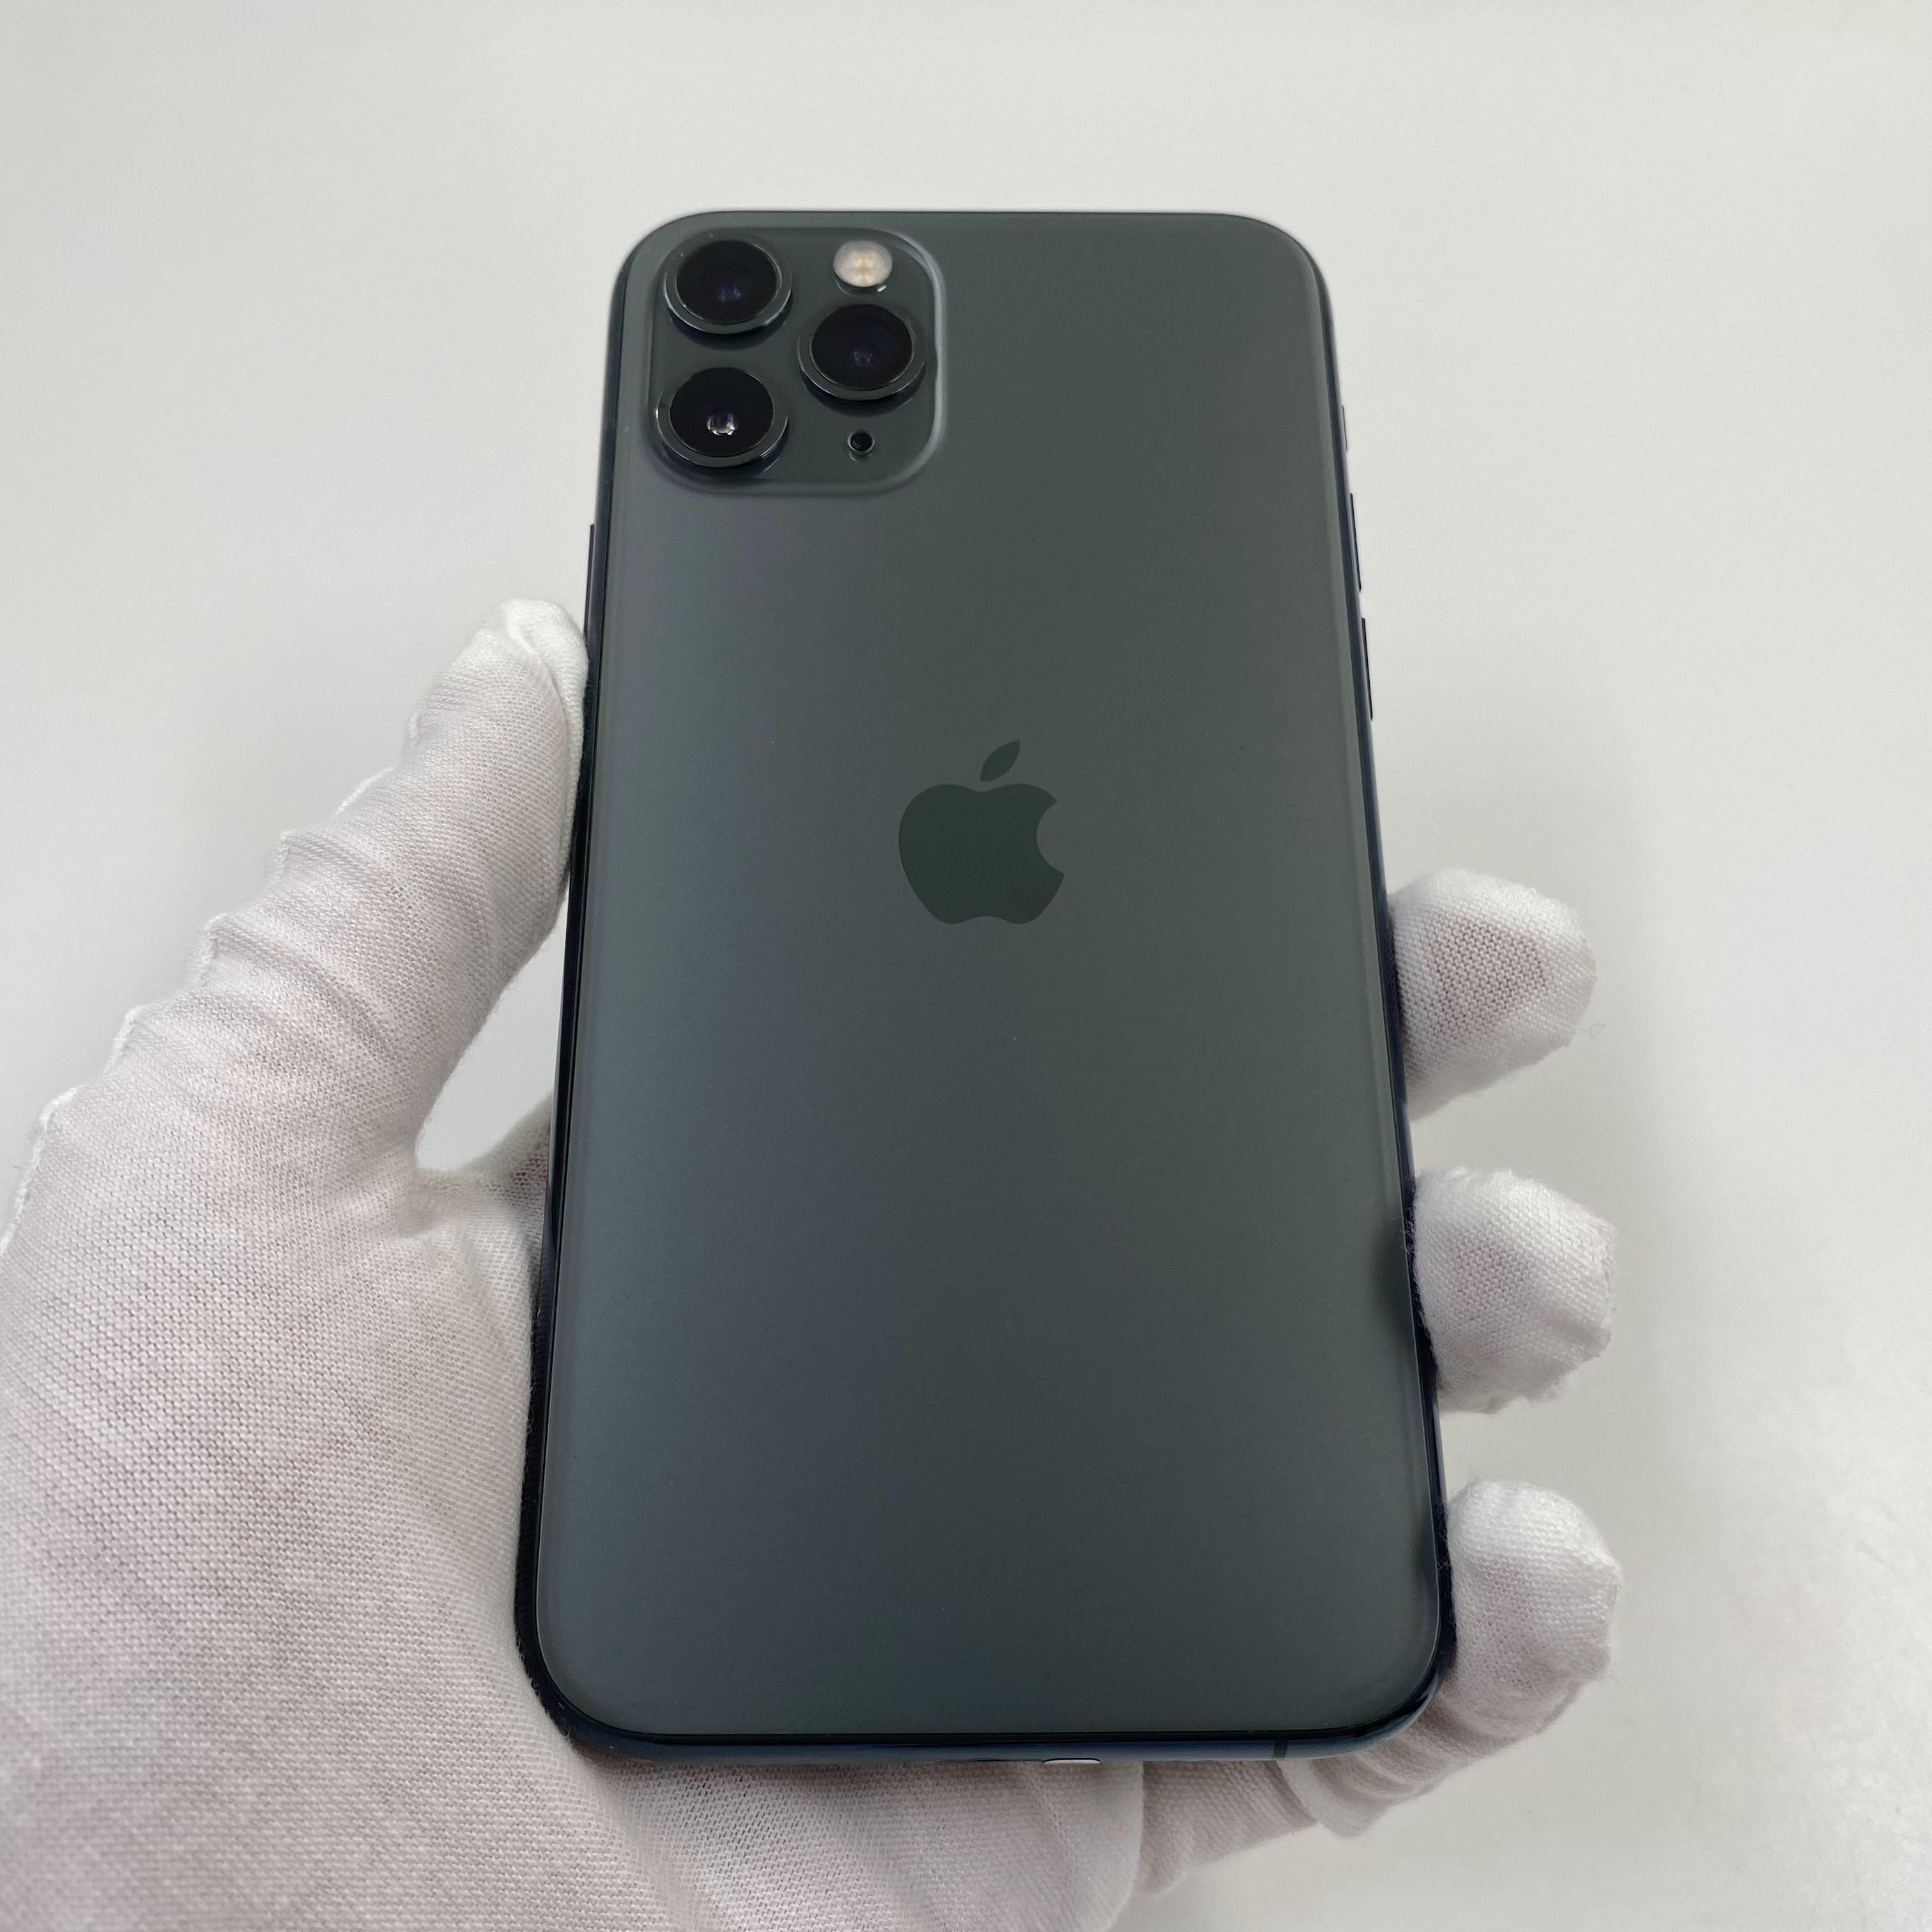 苹果【iPhone 11 Pro】4G全网通 暗夜绿色 256G 国行 8成新 真机实拍